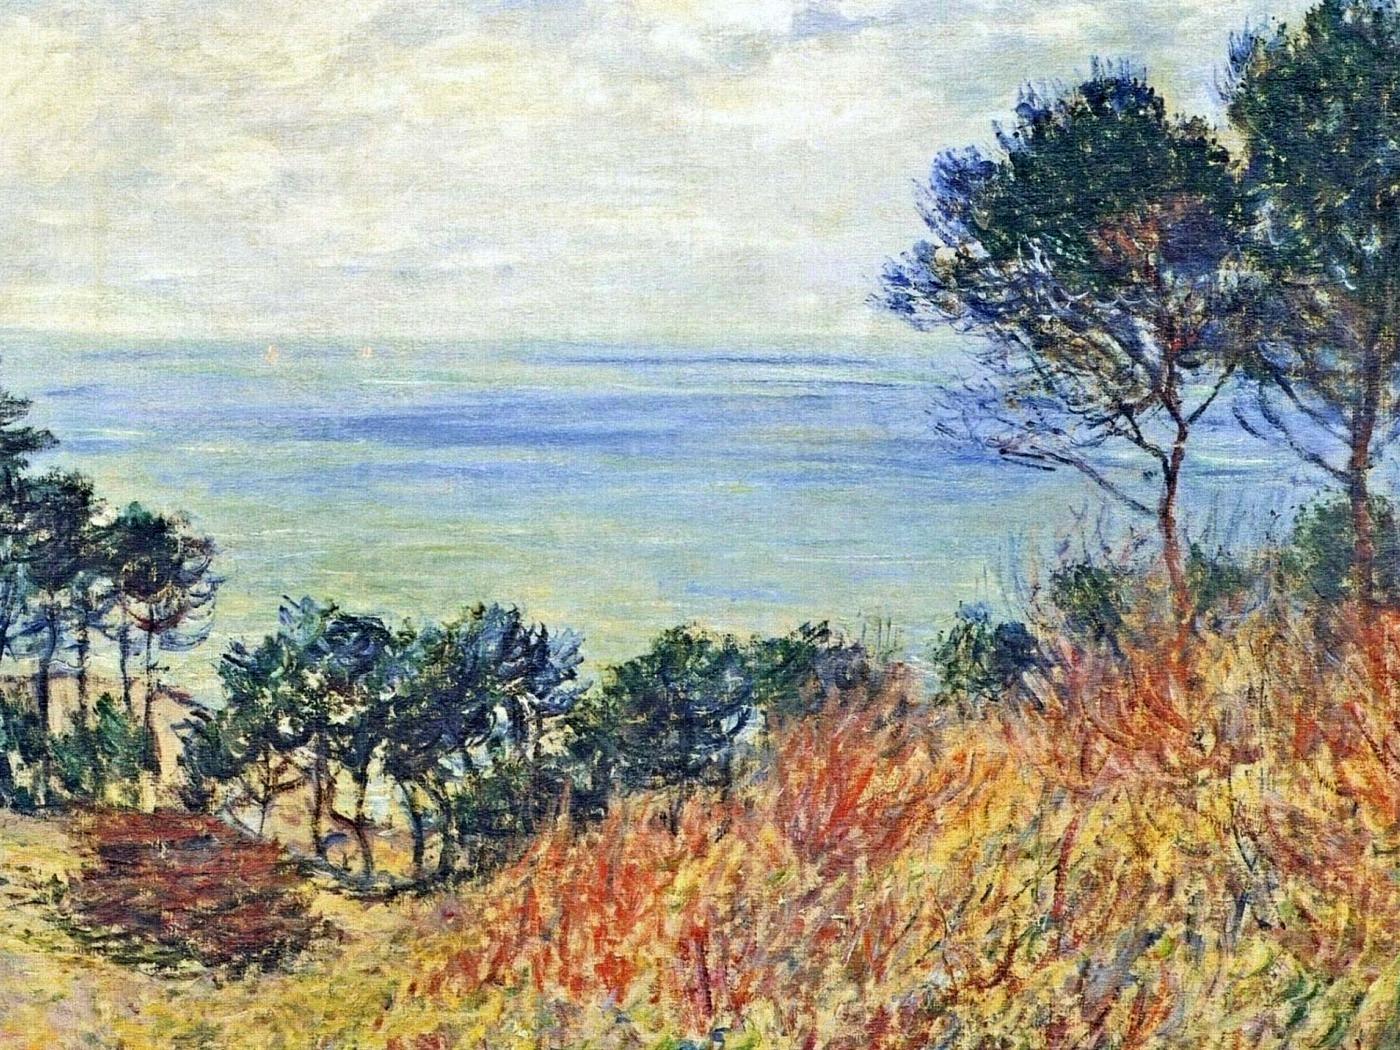 пейзажи - побережье < Морское побережье, Варенживилль >:: Клод Моне, описание картины - Моне Клод (Claude Monet) фото